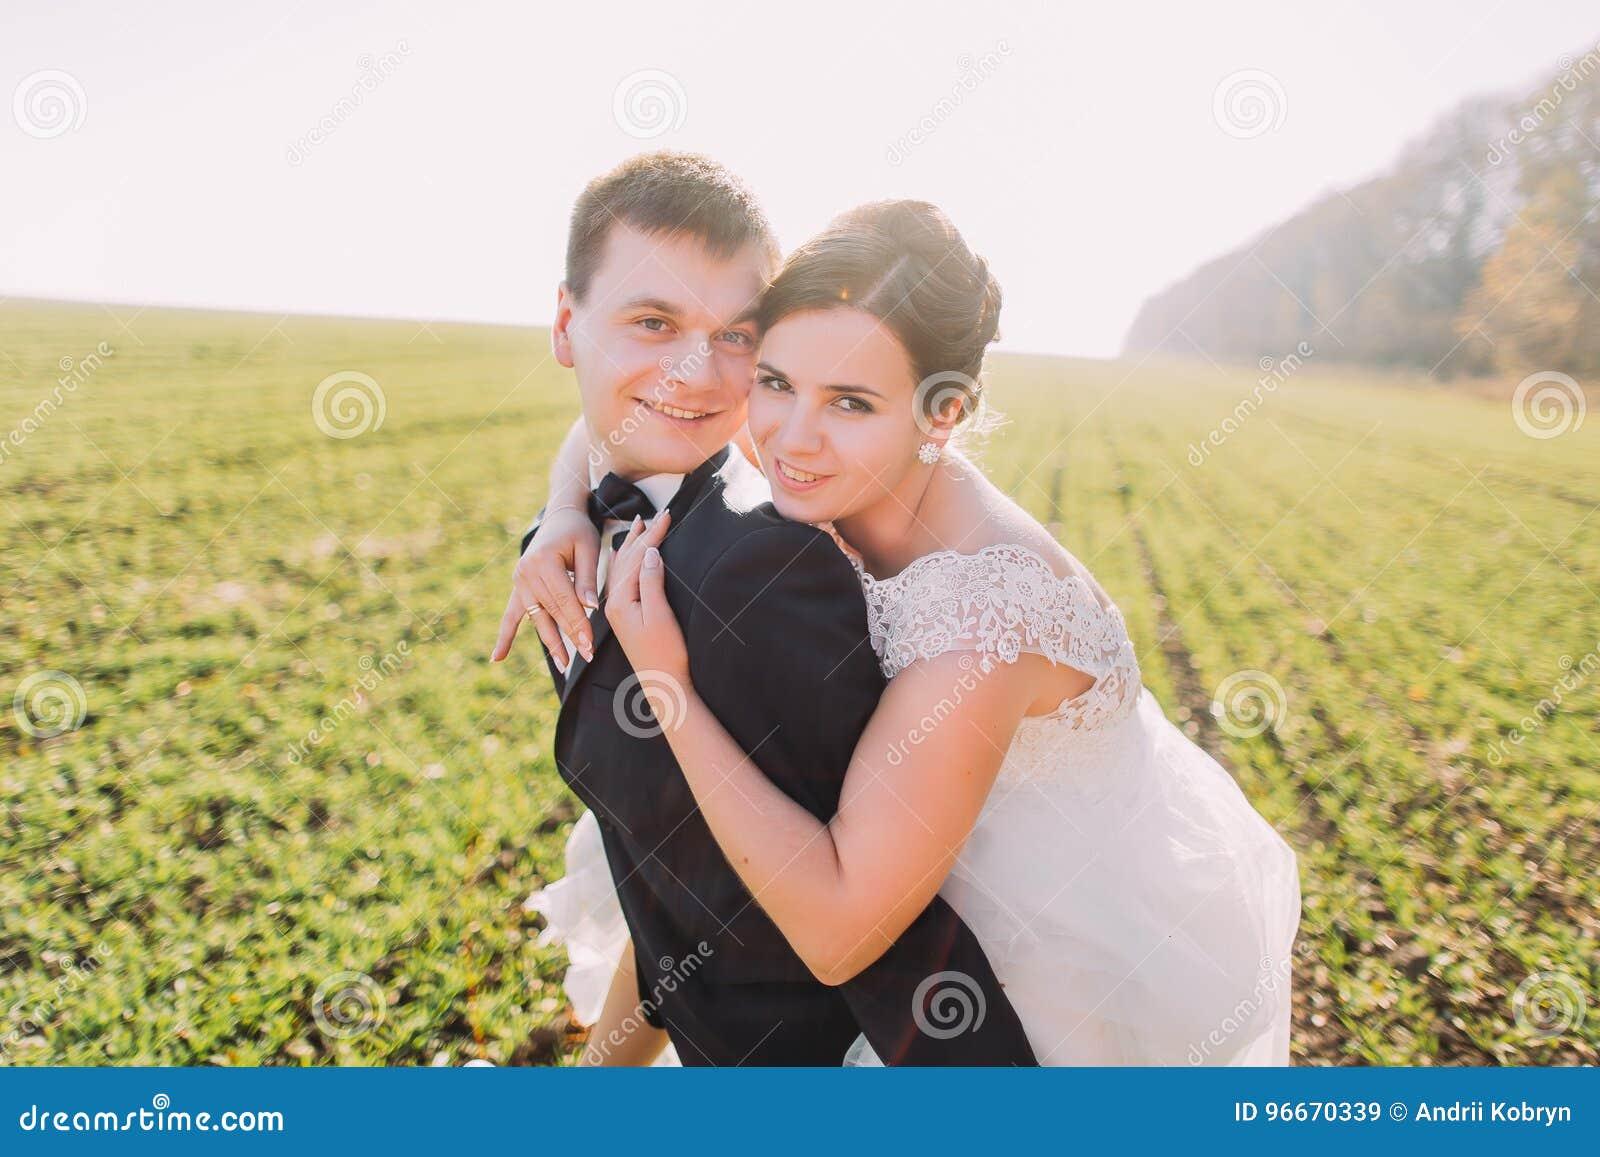 Die Braut umarmt den Bräutigam zurück auf dem grünen Gebiet